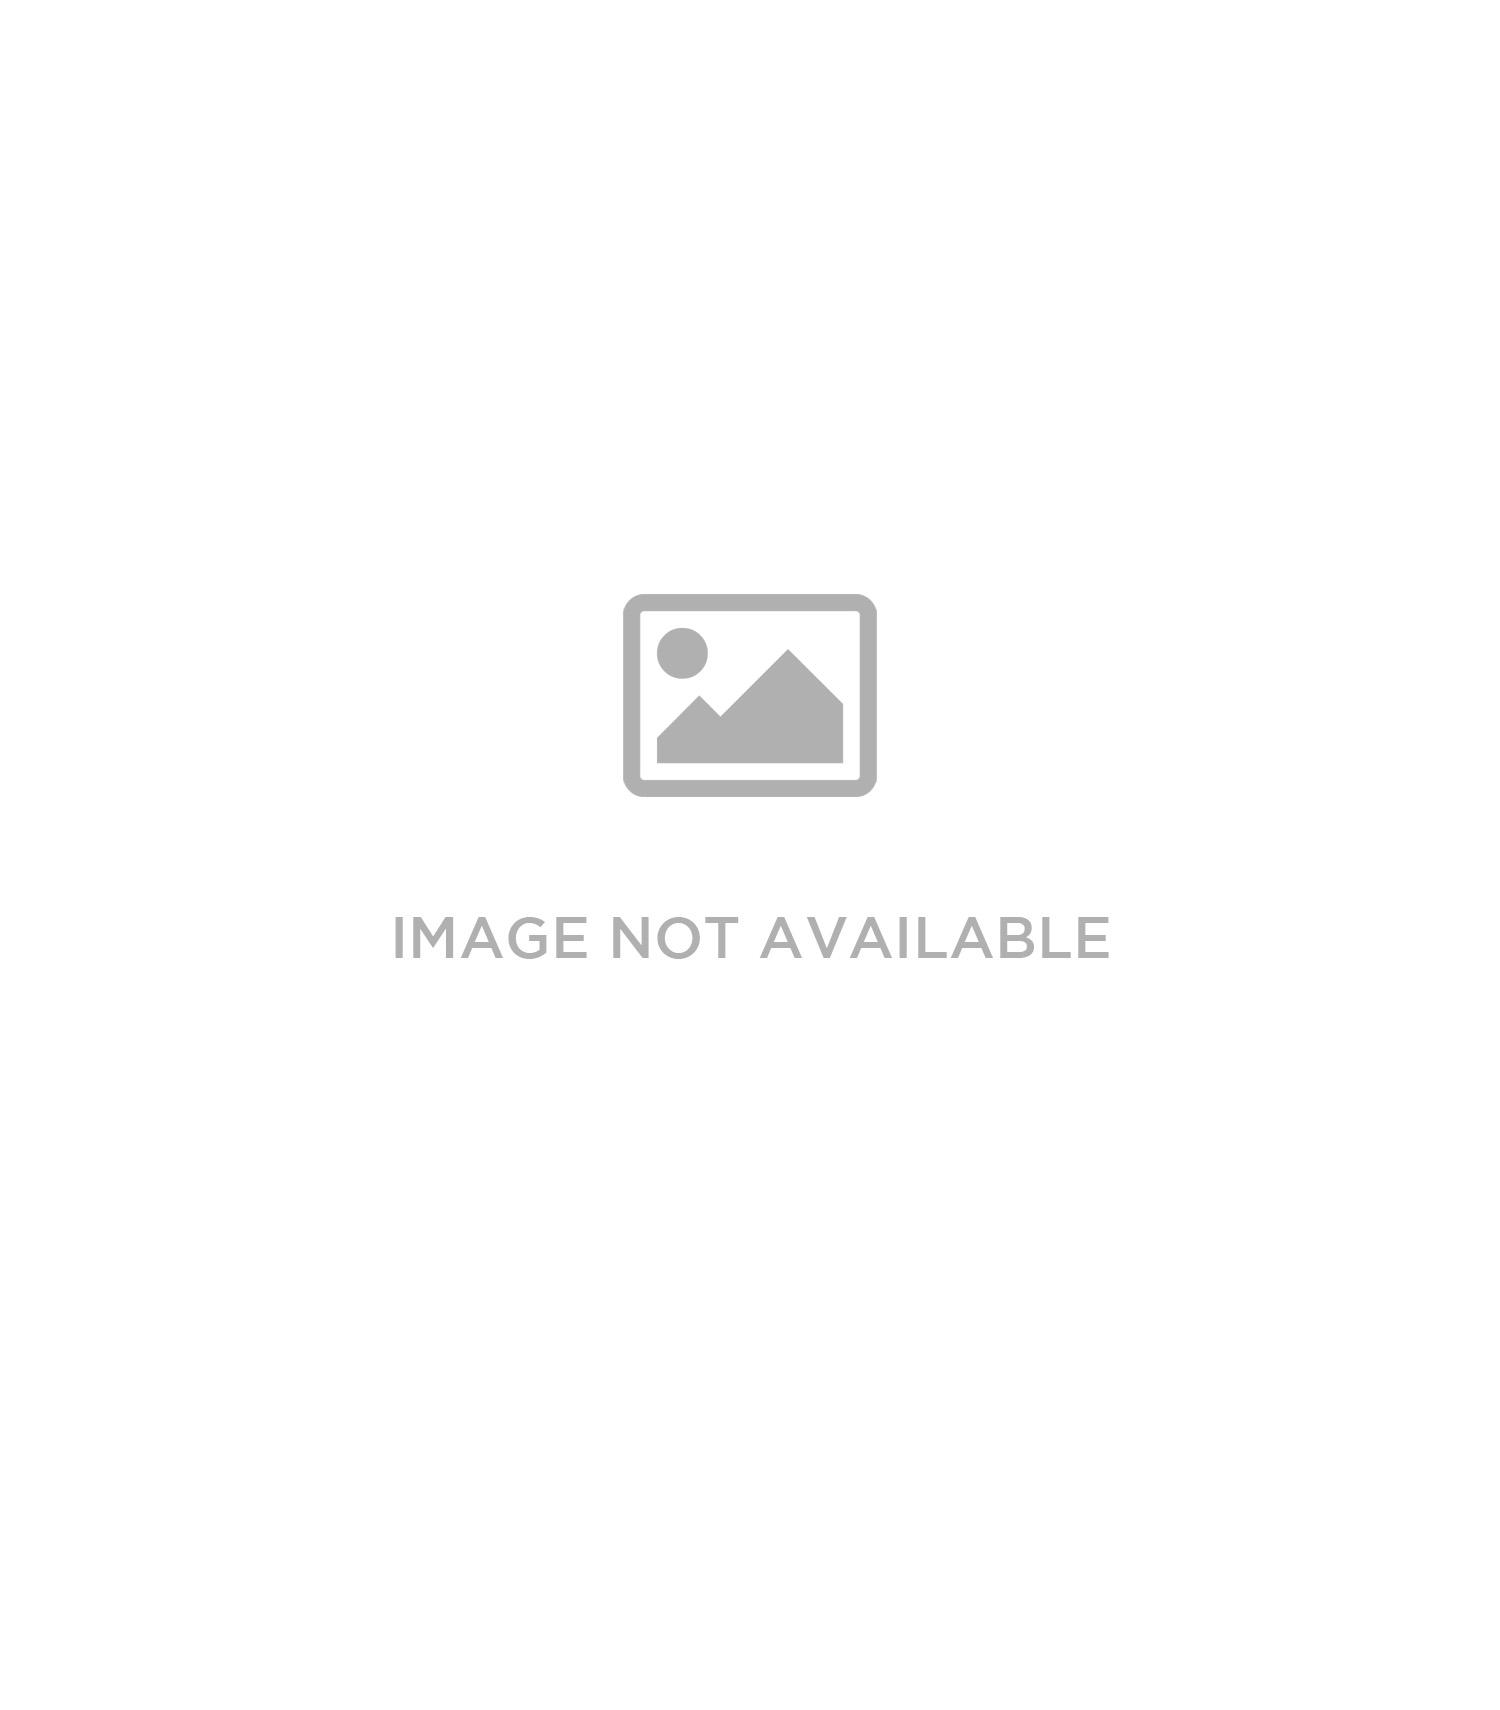 COAL HARBOUR®; SNAG RESISTANT CONTRAST STITCH LADIES' SPORT SHIRT. L4006